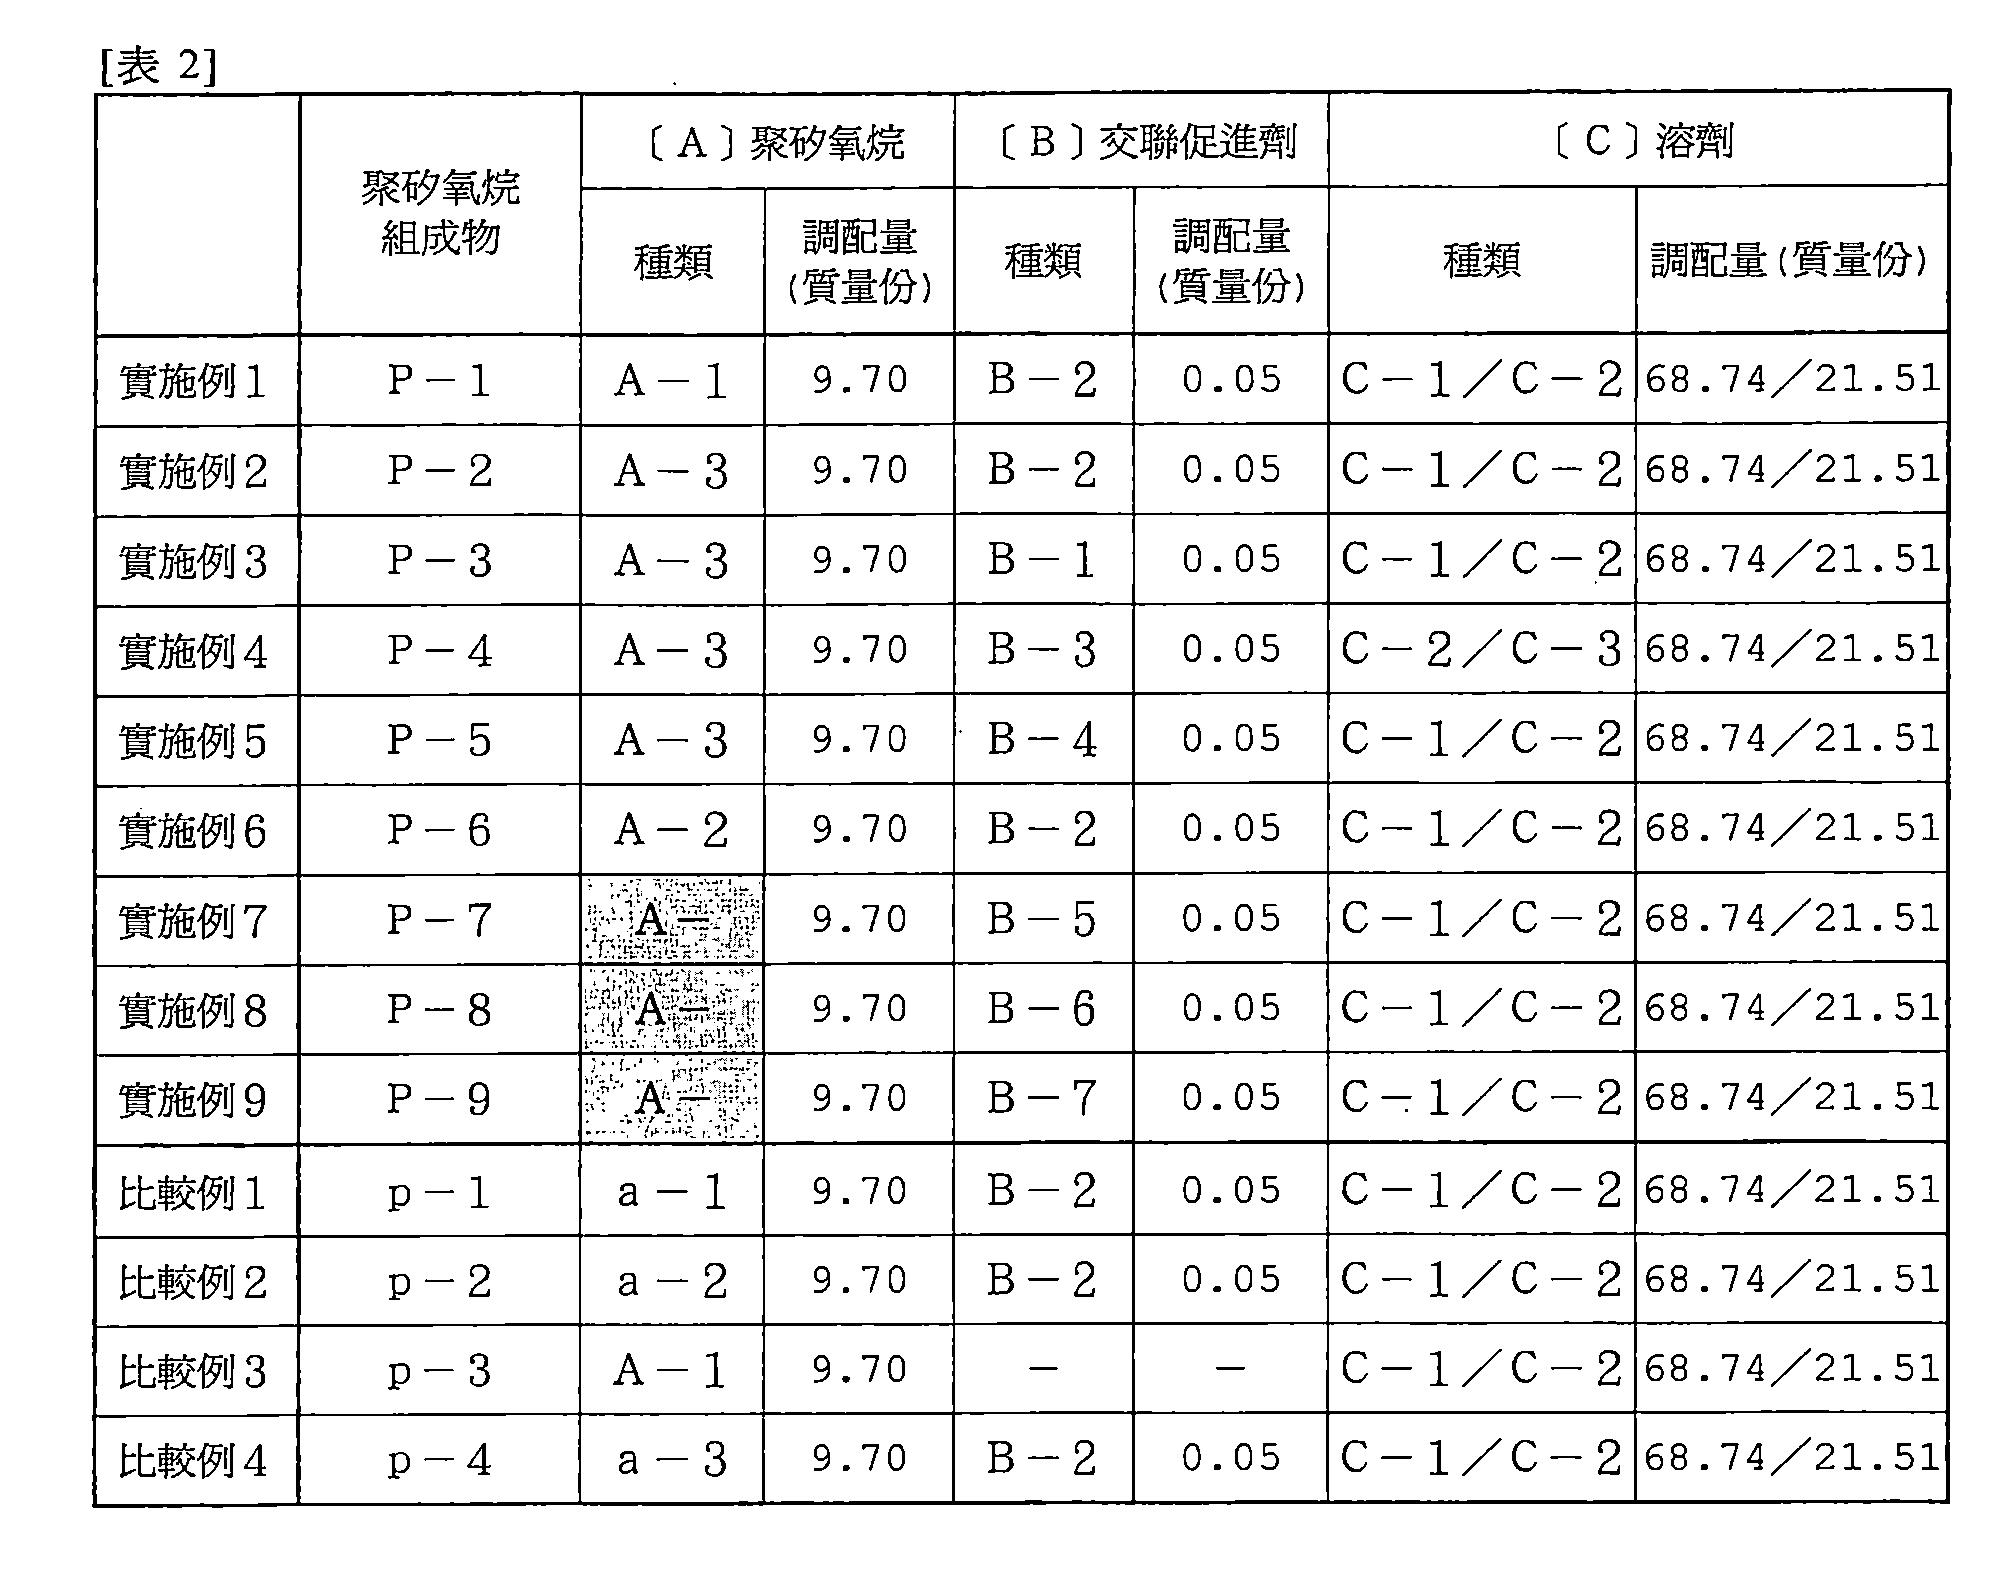 Figure TWI614582BD00010